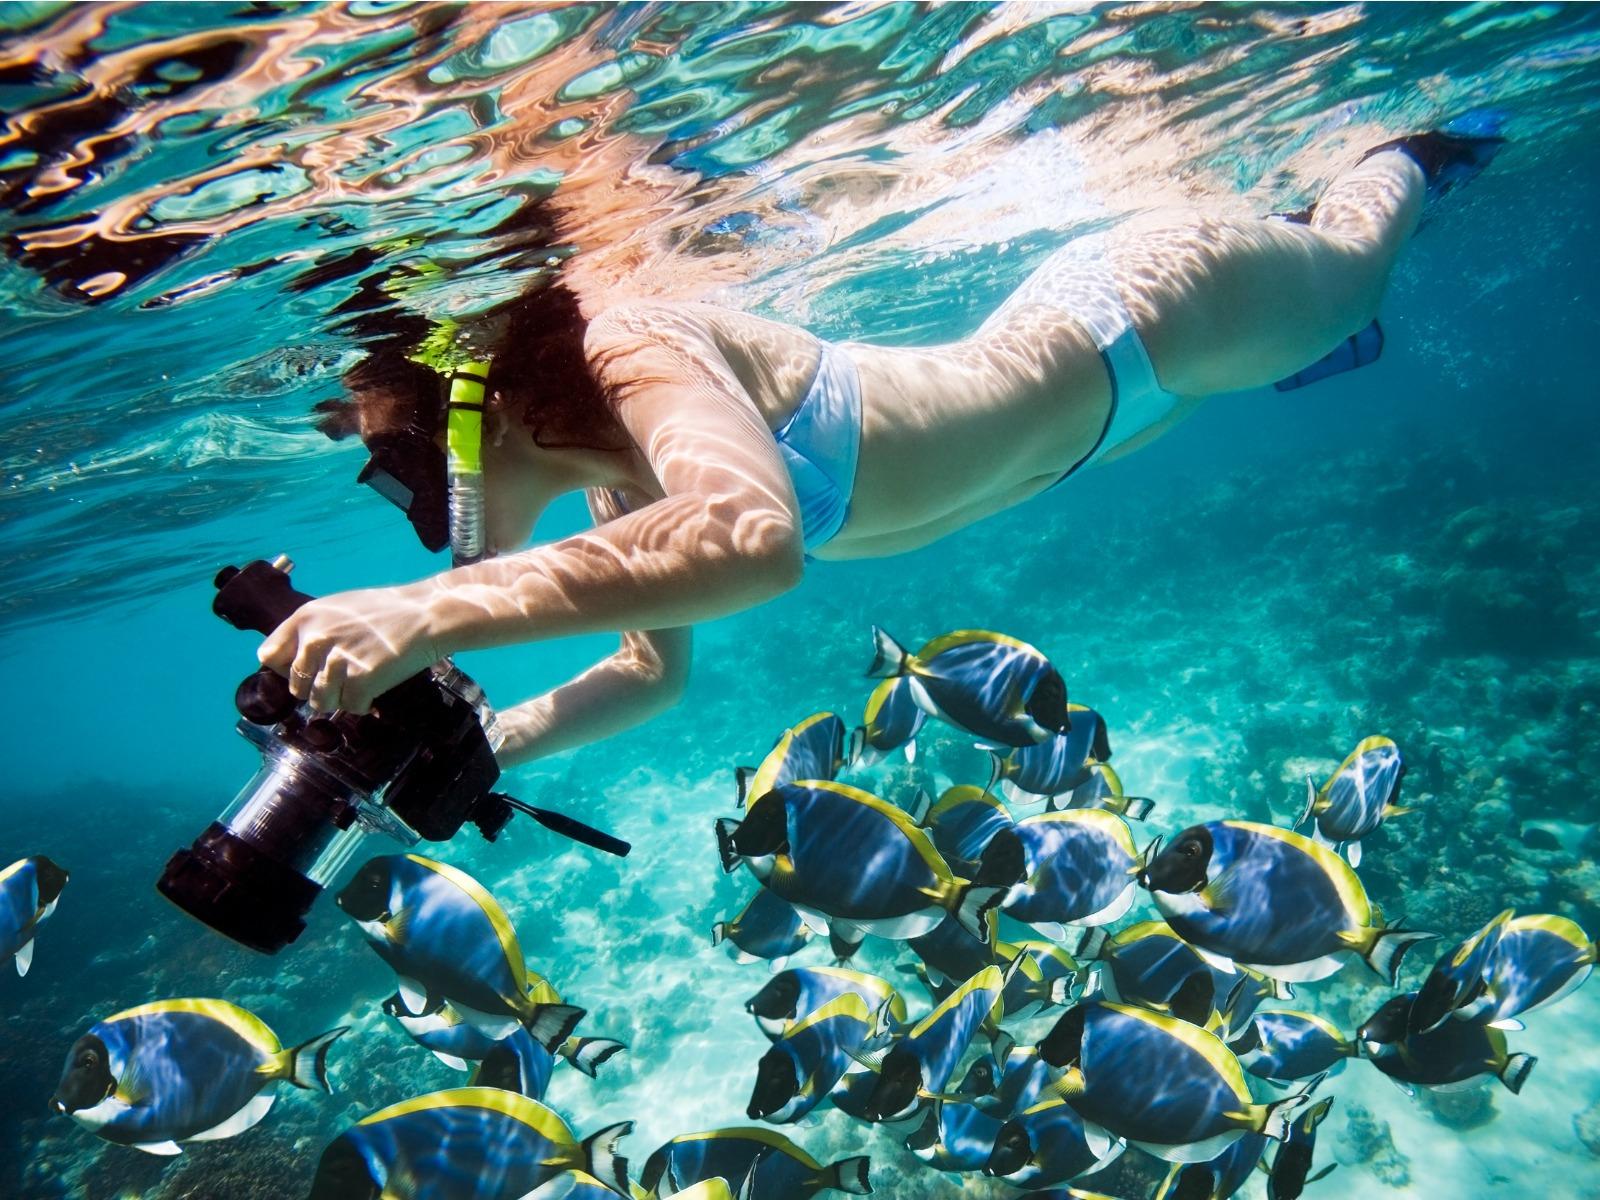 シュノーケリングに最適な防水カメラ7選!選び方のポイントも解説